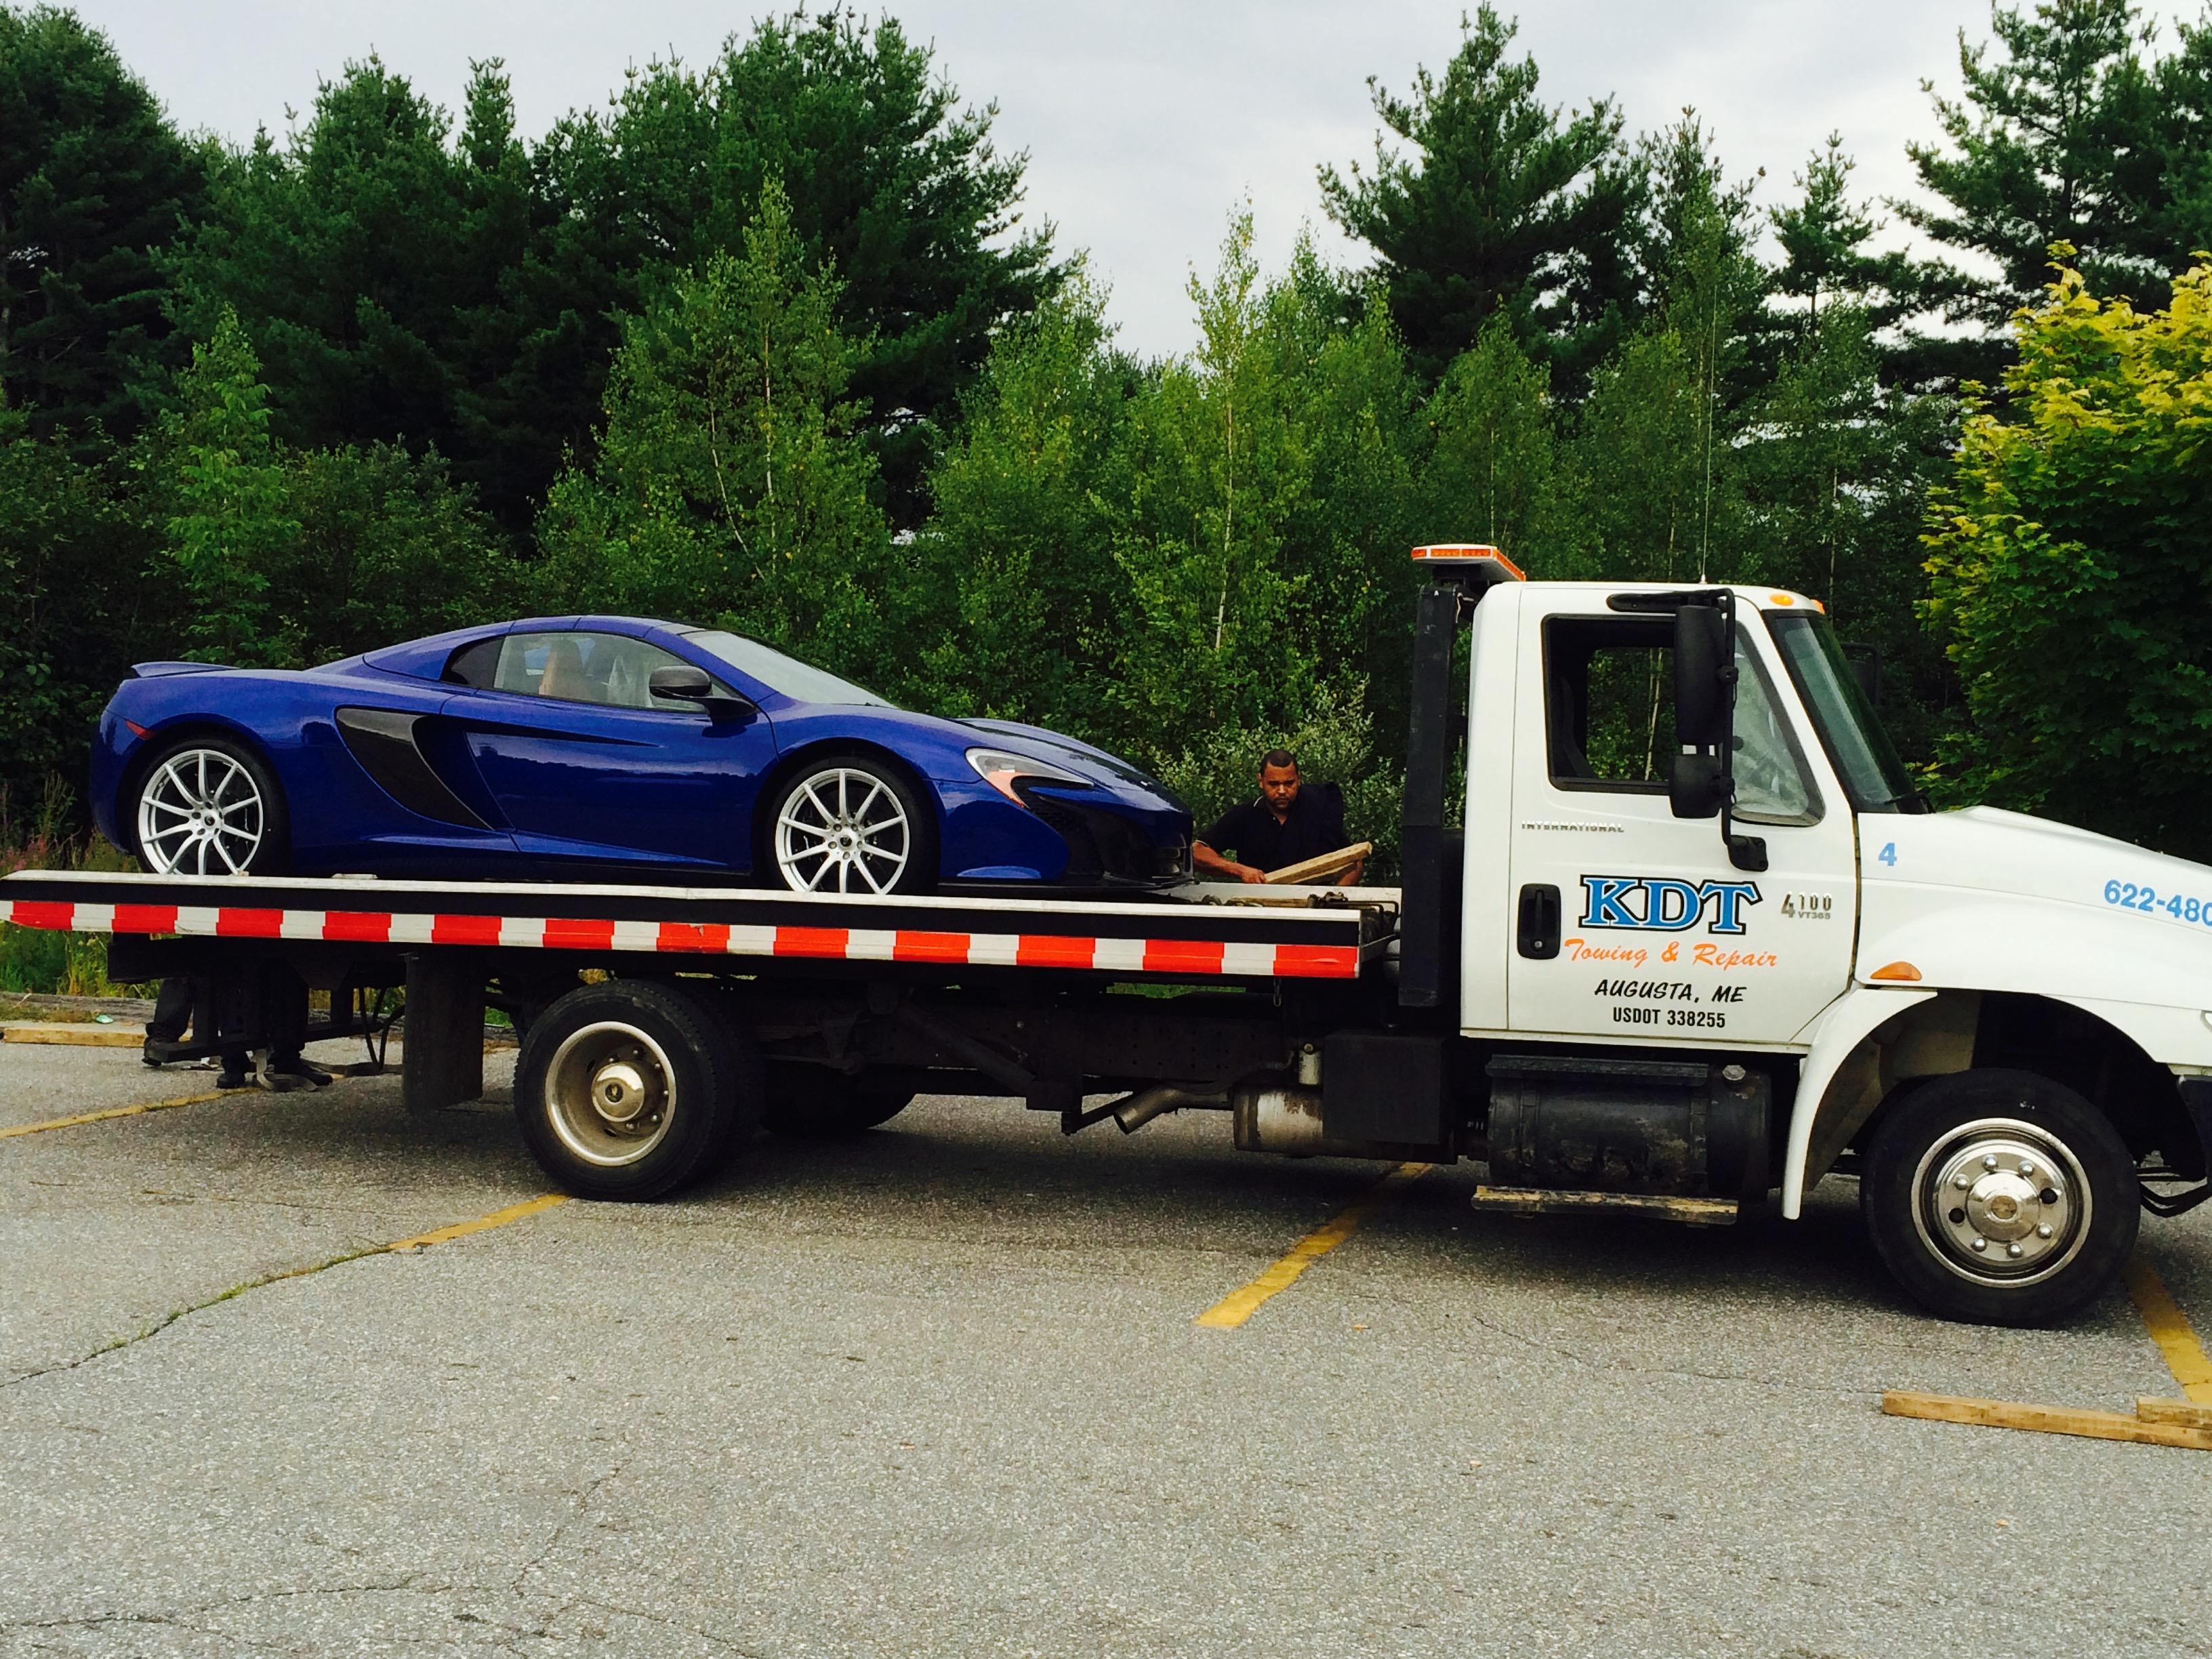 KDT Towing & Repair Inc. image 0